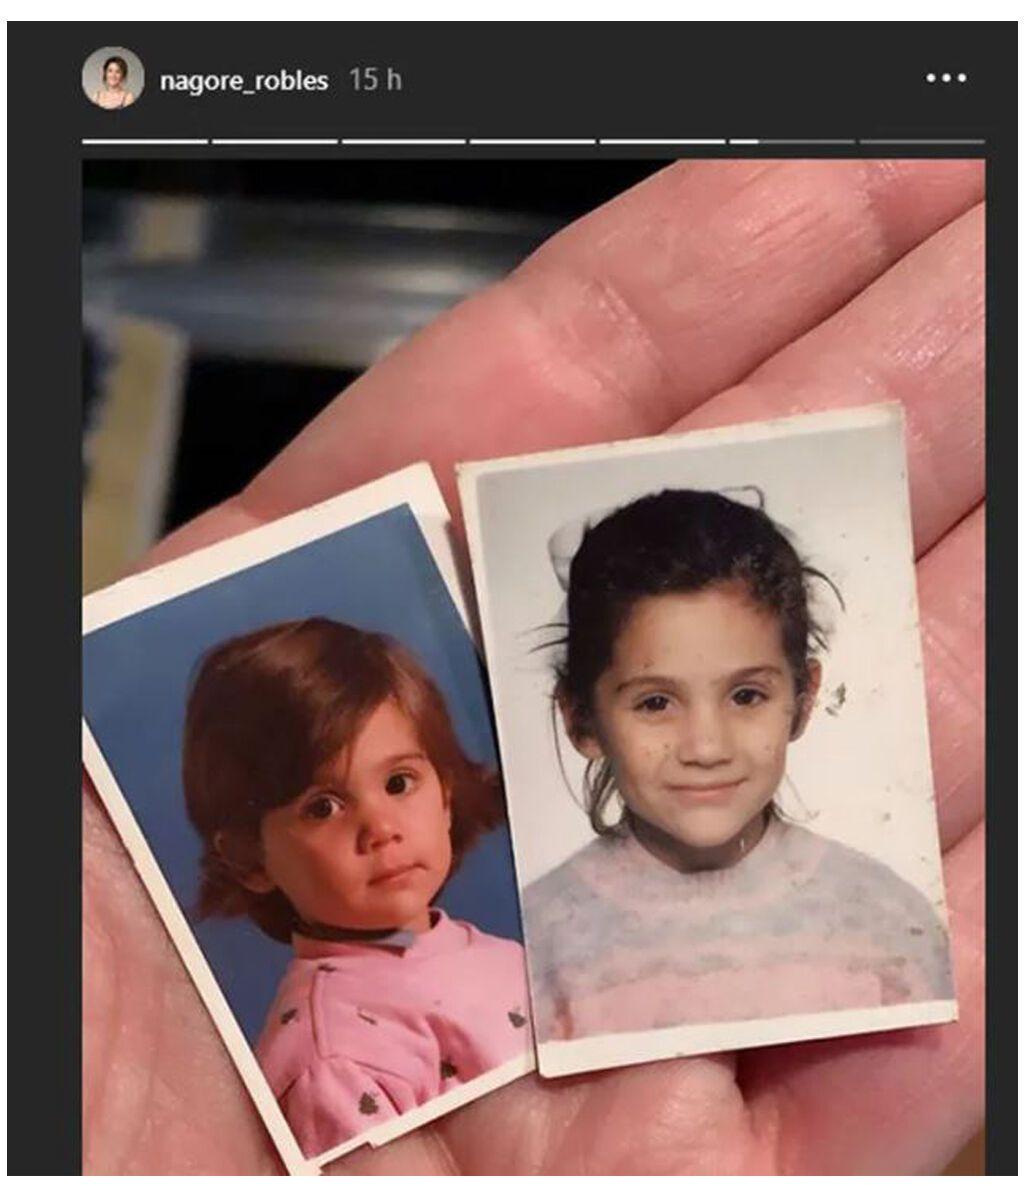 La foto de pequeña con la que Nagore Robles enamora a sus seguidores